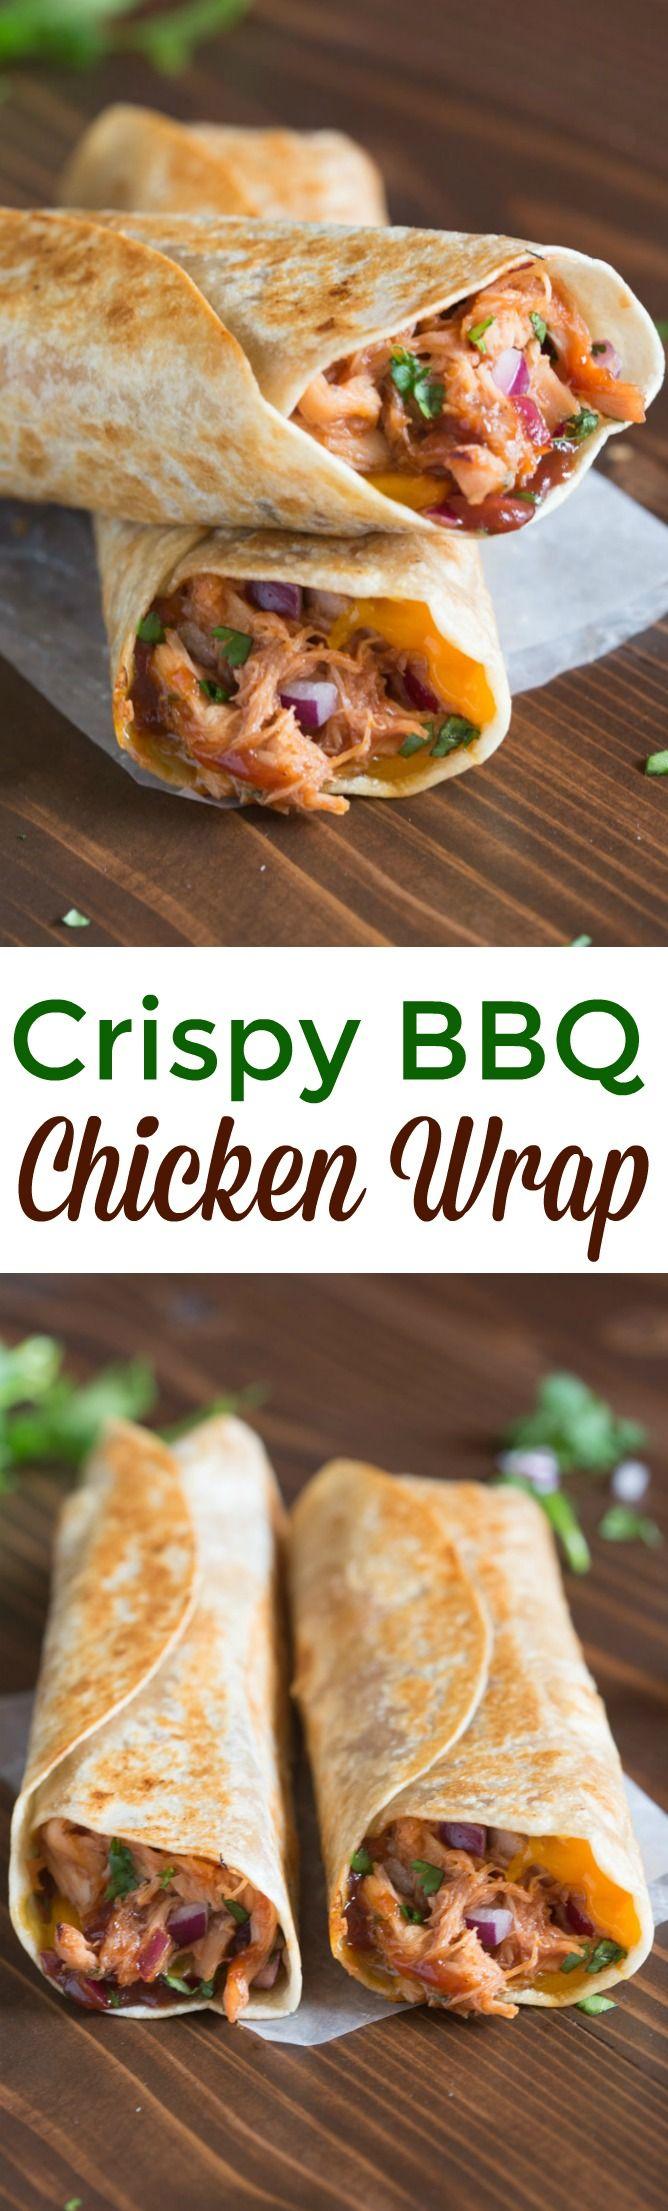 Crispy BBQ Chicken Wraps | tastesbetterfromscratch.com (Chicken)